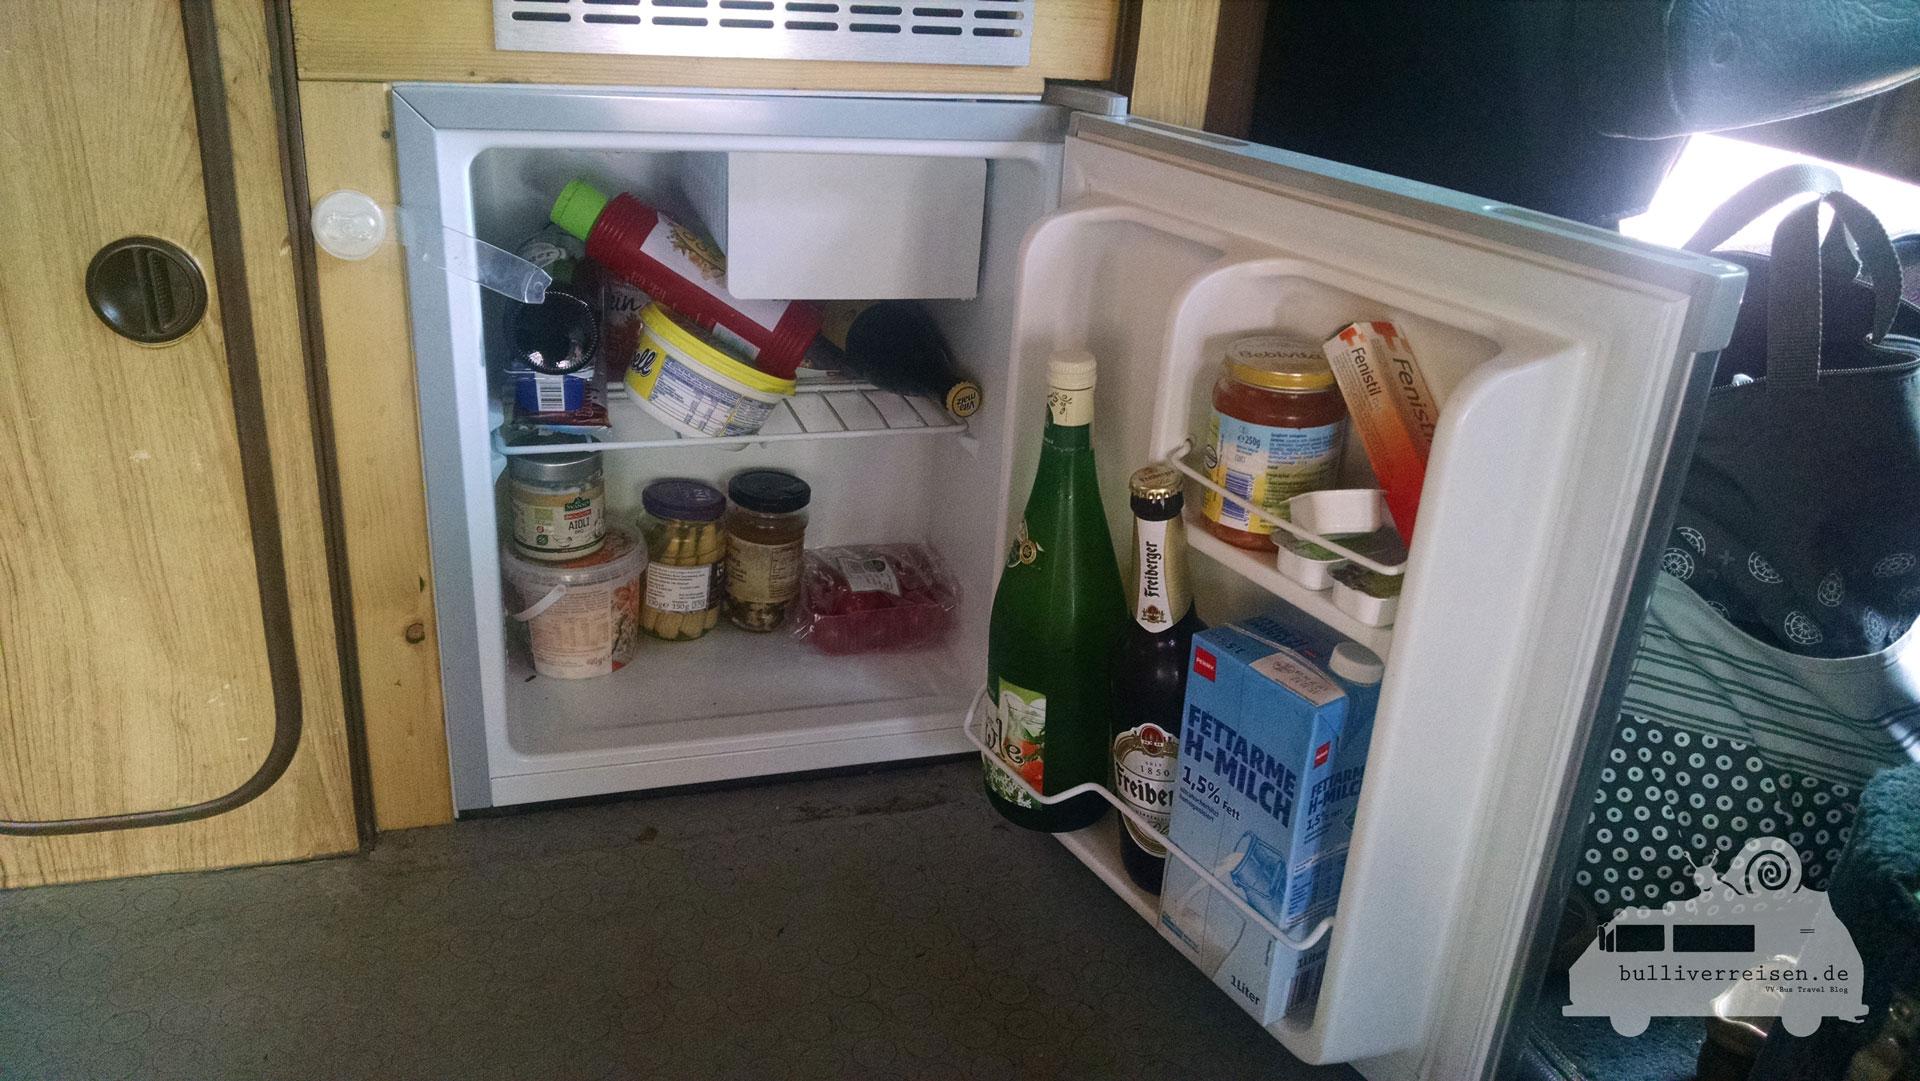 Kühlschrank Von Bomann : Bomann kühlschrank im bus ⋆ reise bulli verreisen